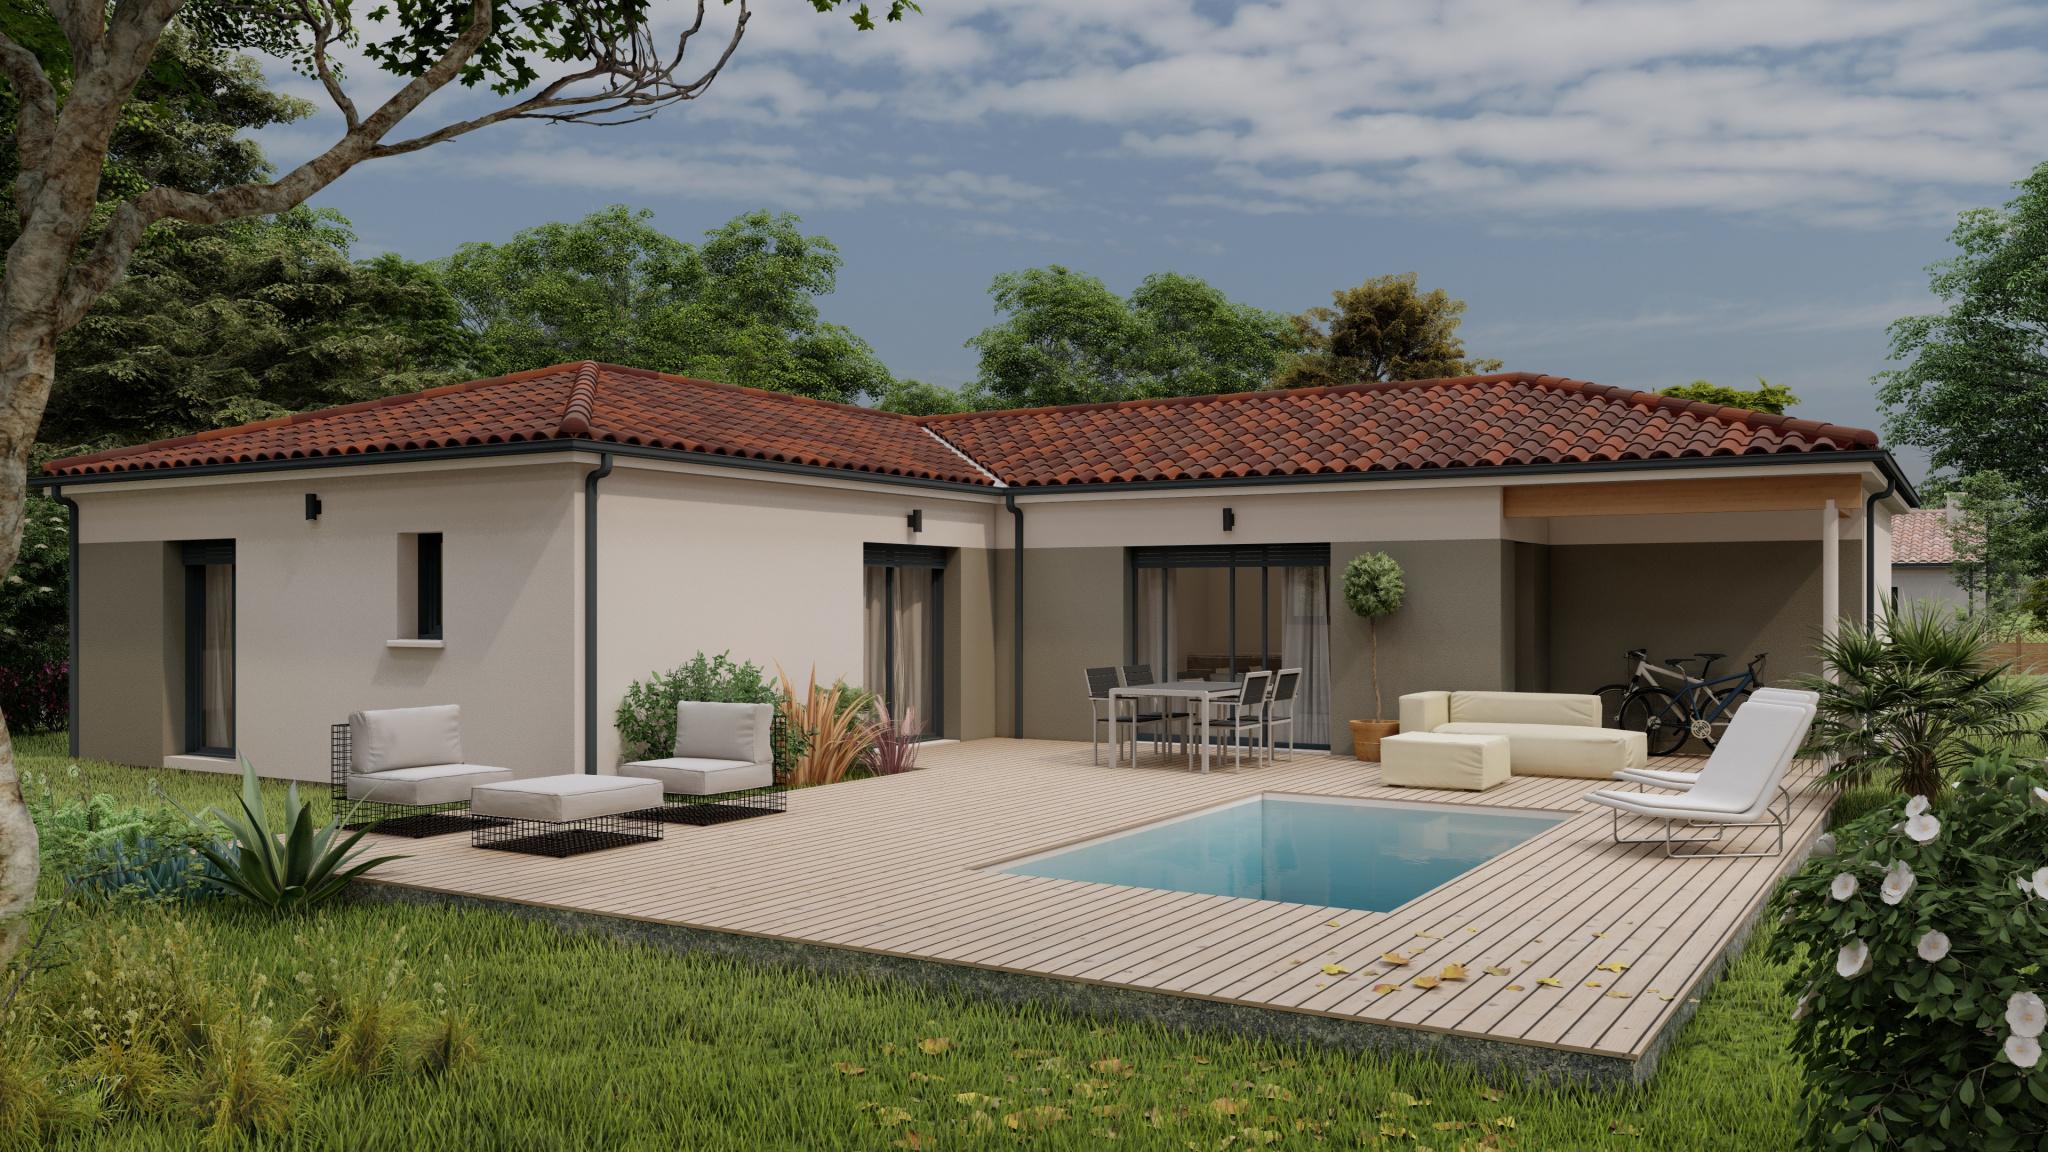 Vente maison à Fumel (47500) de 120 m2 habitable sur terrain de 1578 m2